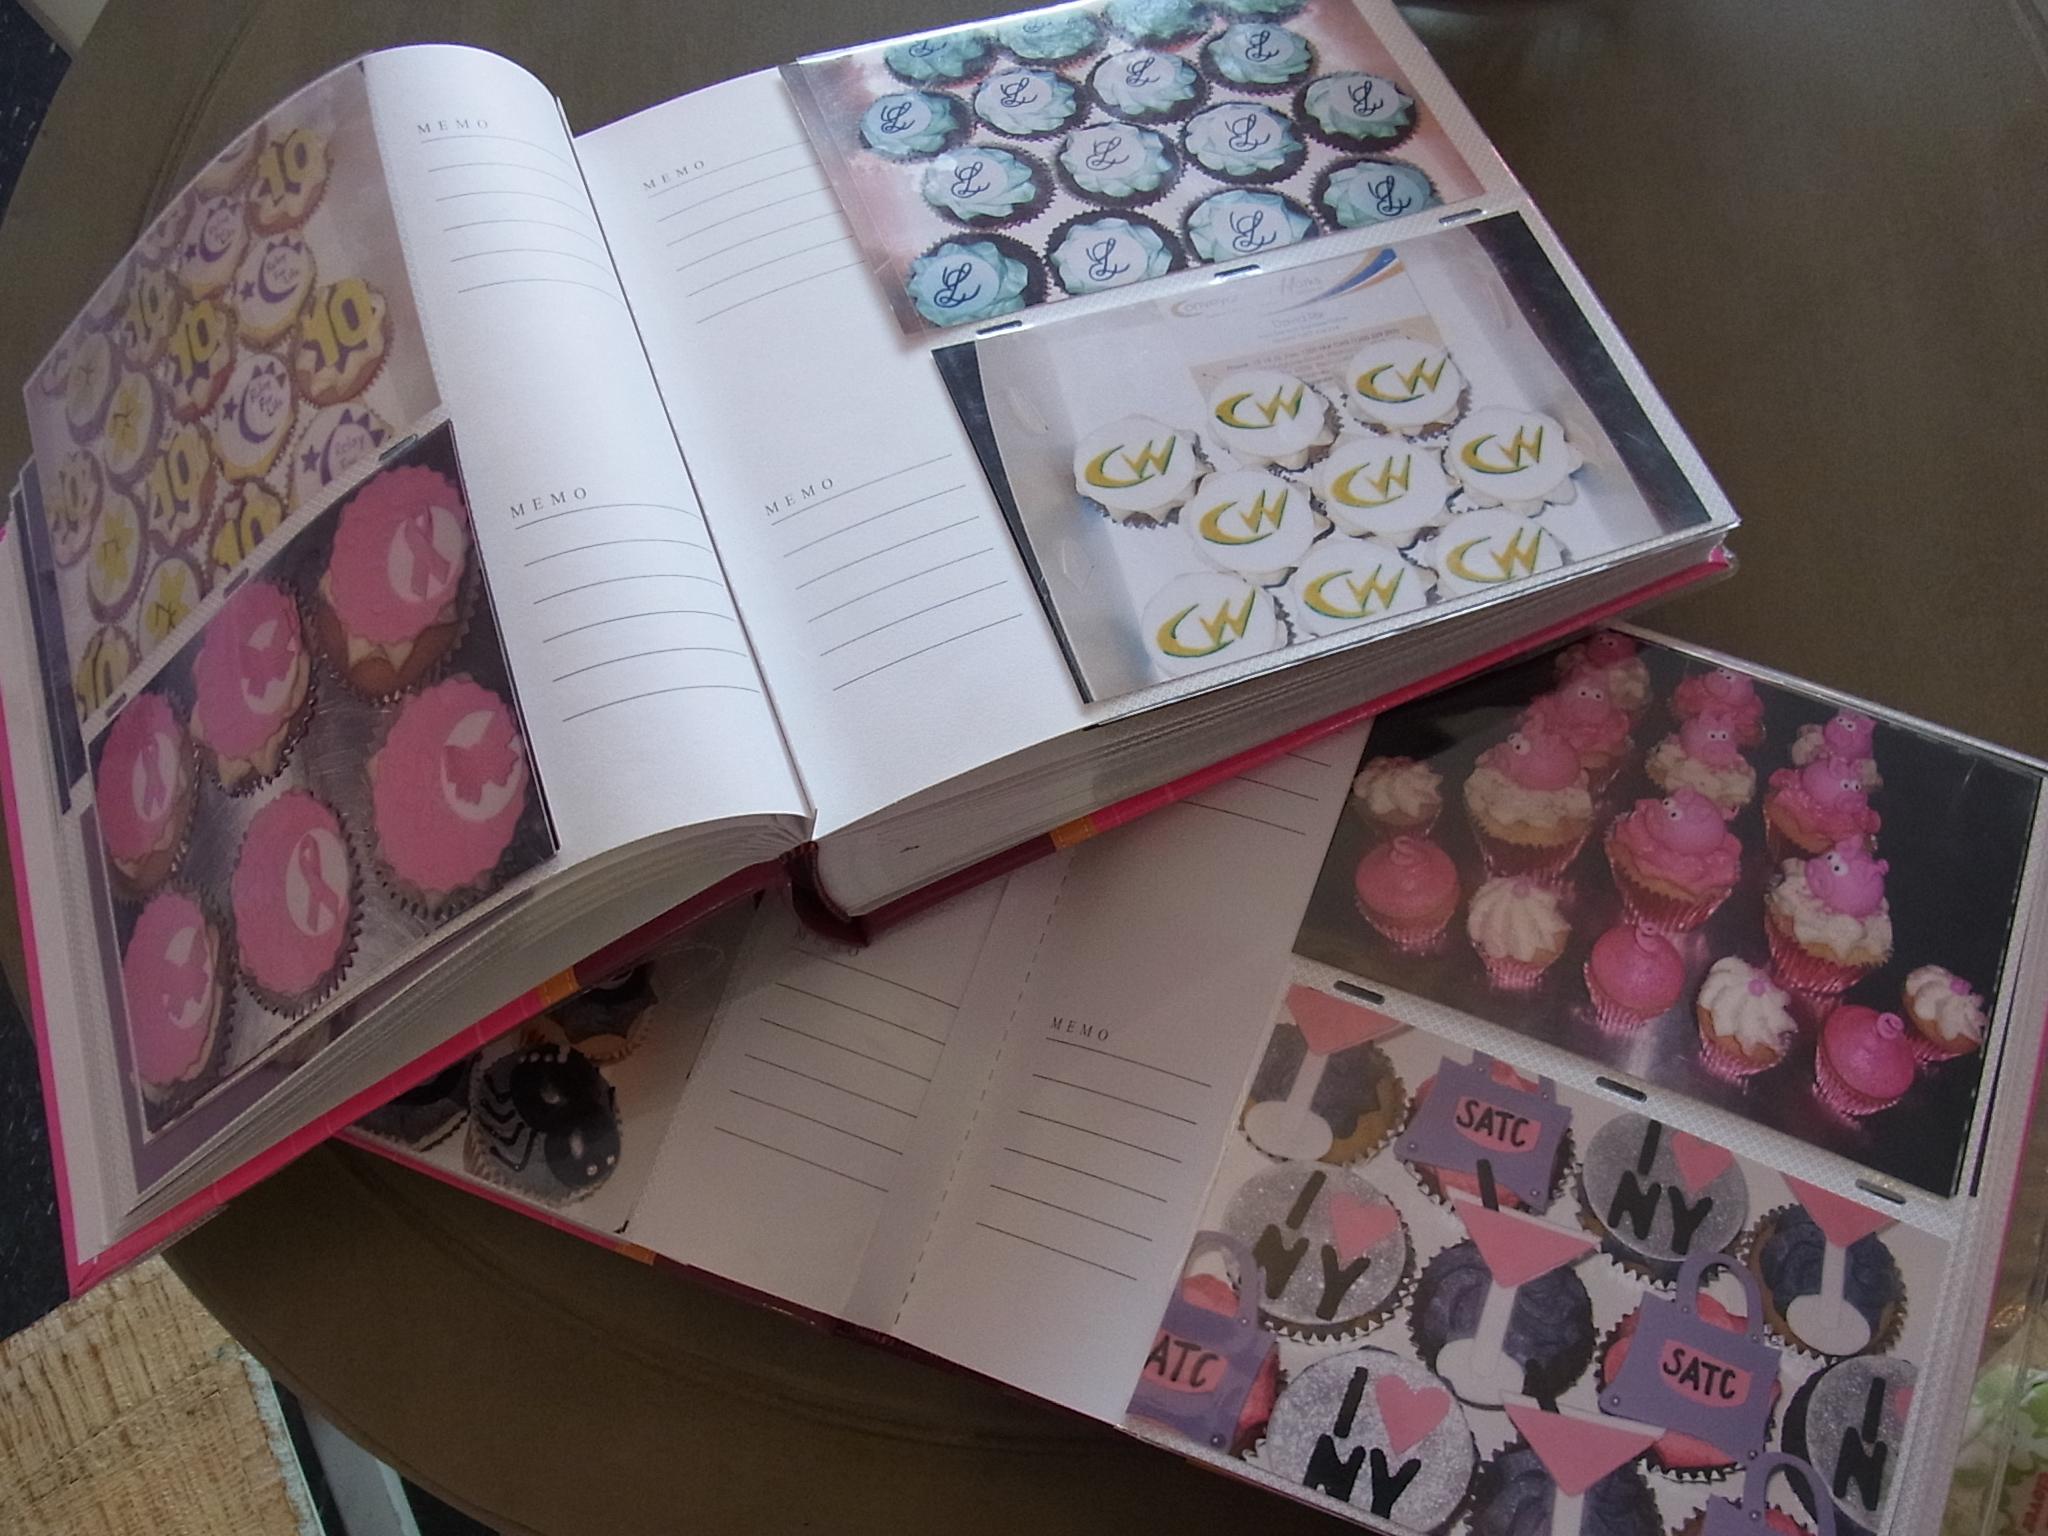 <p>お誕生日などの贈り物に、デザインオーダーもできます。 たくさんのサンプル写真の中から選ぶこともできるし、 もちろん「こんなふうにしたい」と具体的なリクエストを伝えれば、 できる、できない、こんなふうにしたらどうか?などのアドバイスのもと、 とっても可愛いカップケーキを作ってもらえますよ。 オーダーはできれば2〜3週間前までにしてくださいね。</p>